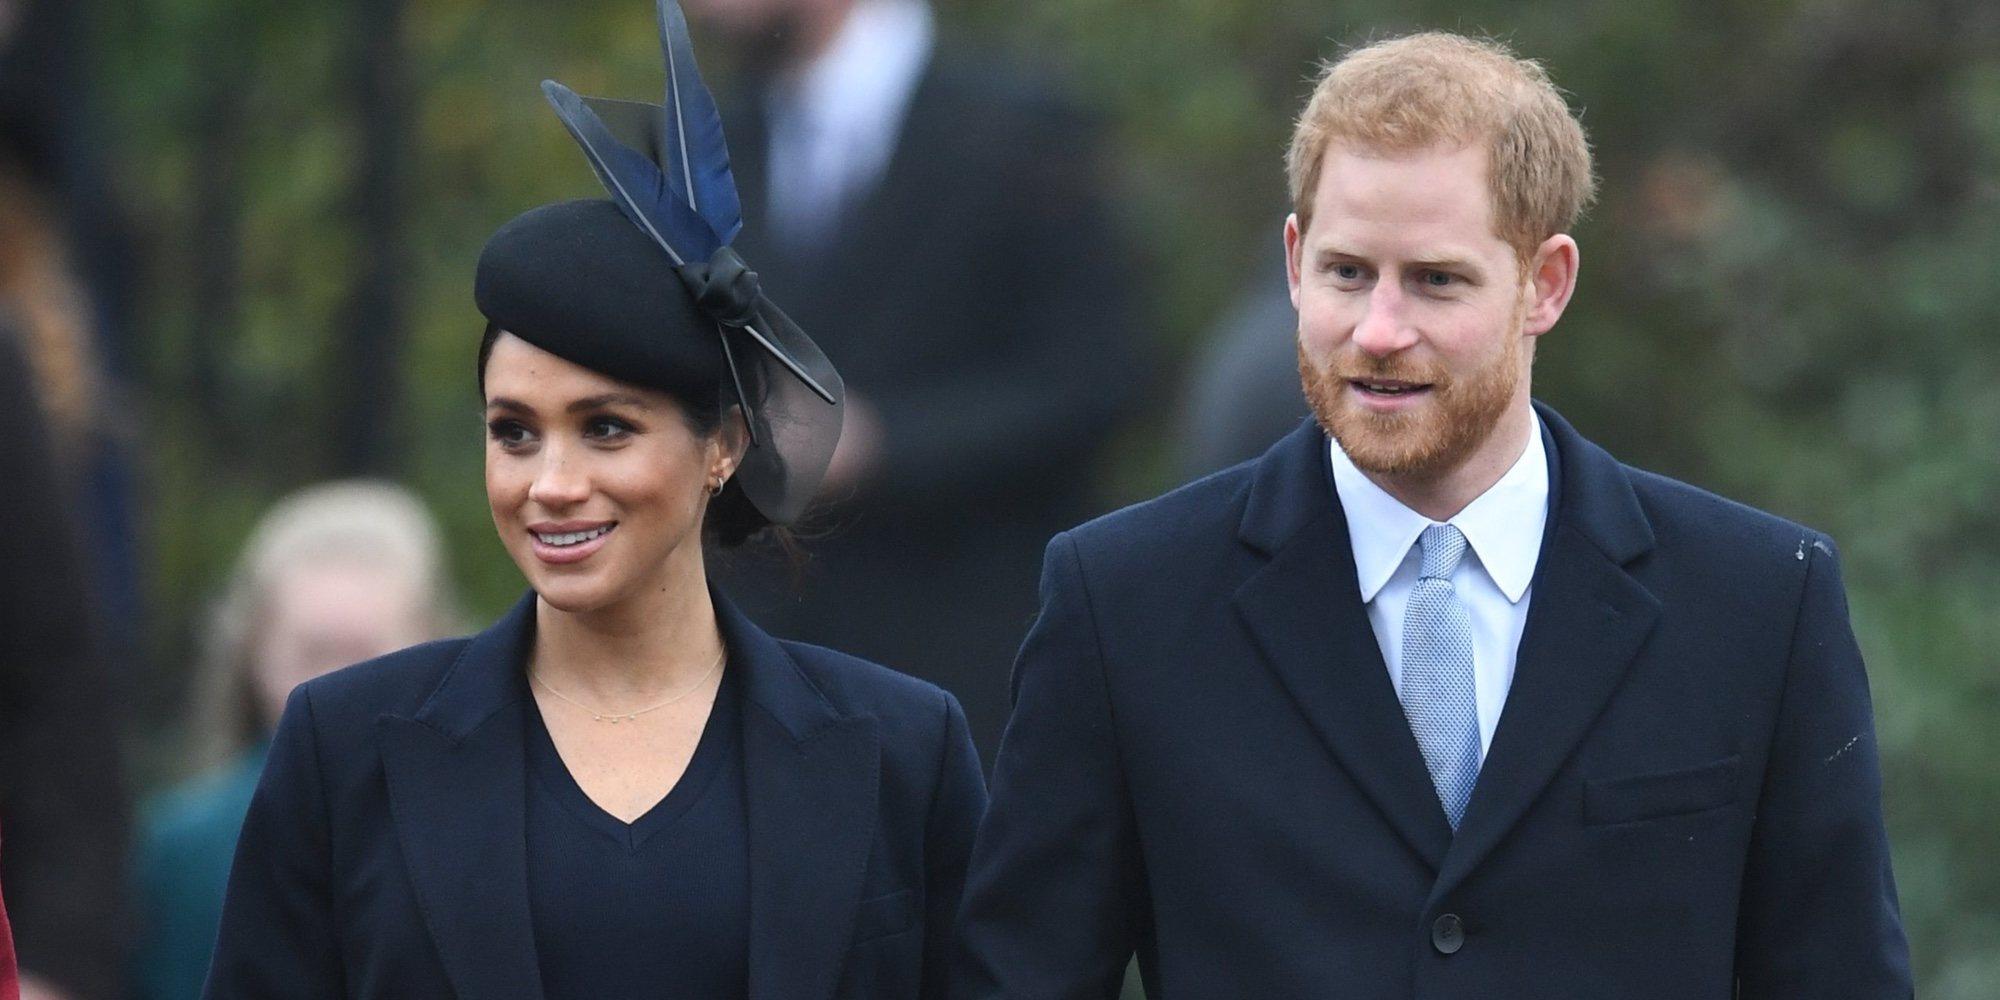 El Príncipe Harry abandona sus malos hábitos gracias a Meghan Markle: ya no bebe ni alcohol ni café